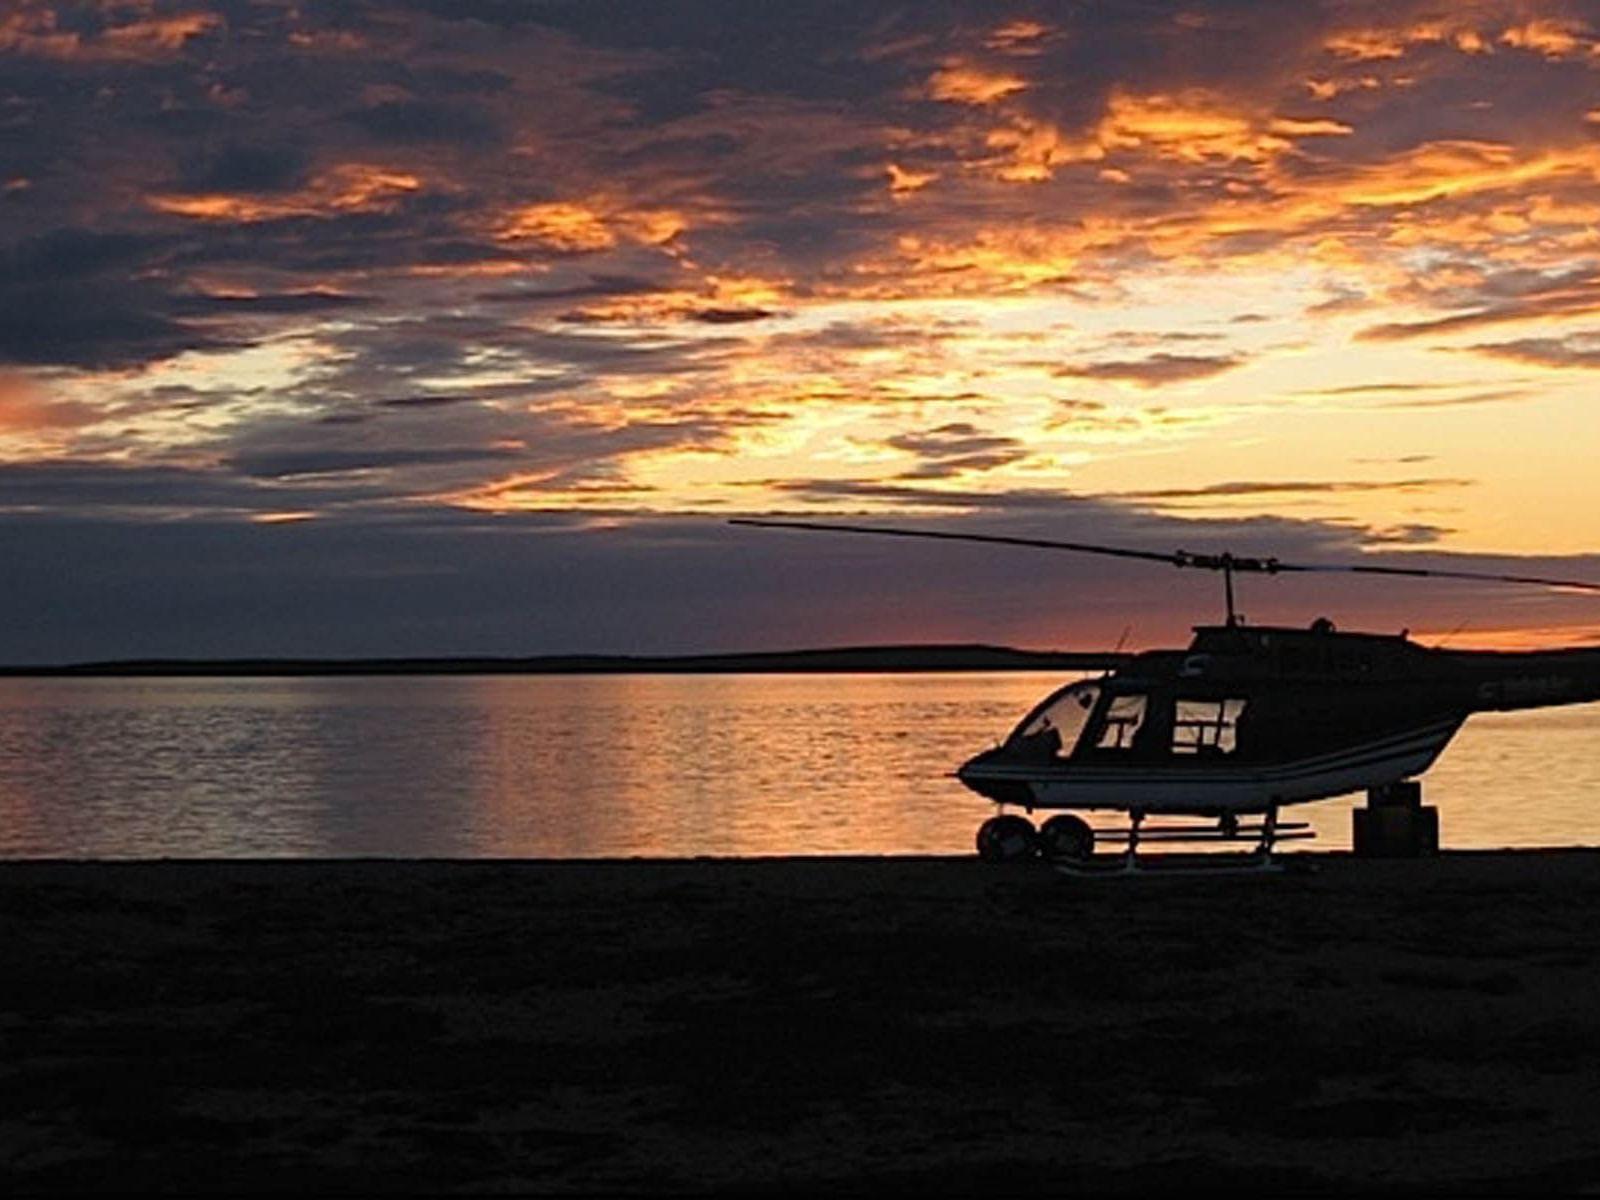 Un helicóptero aparcado a la playa.